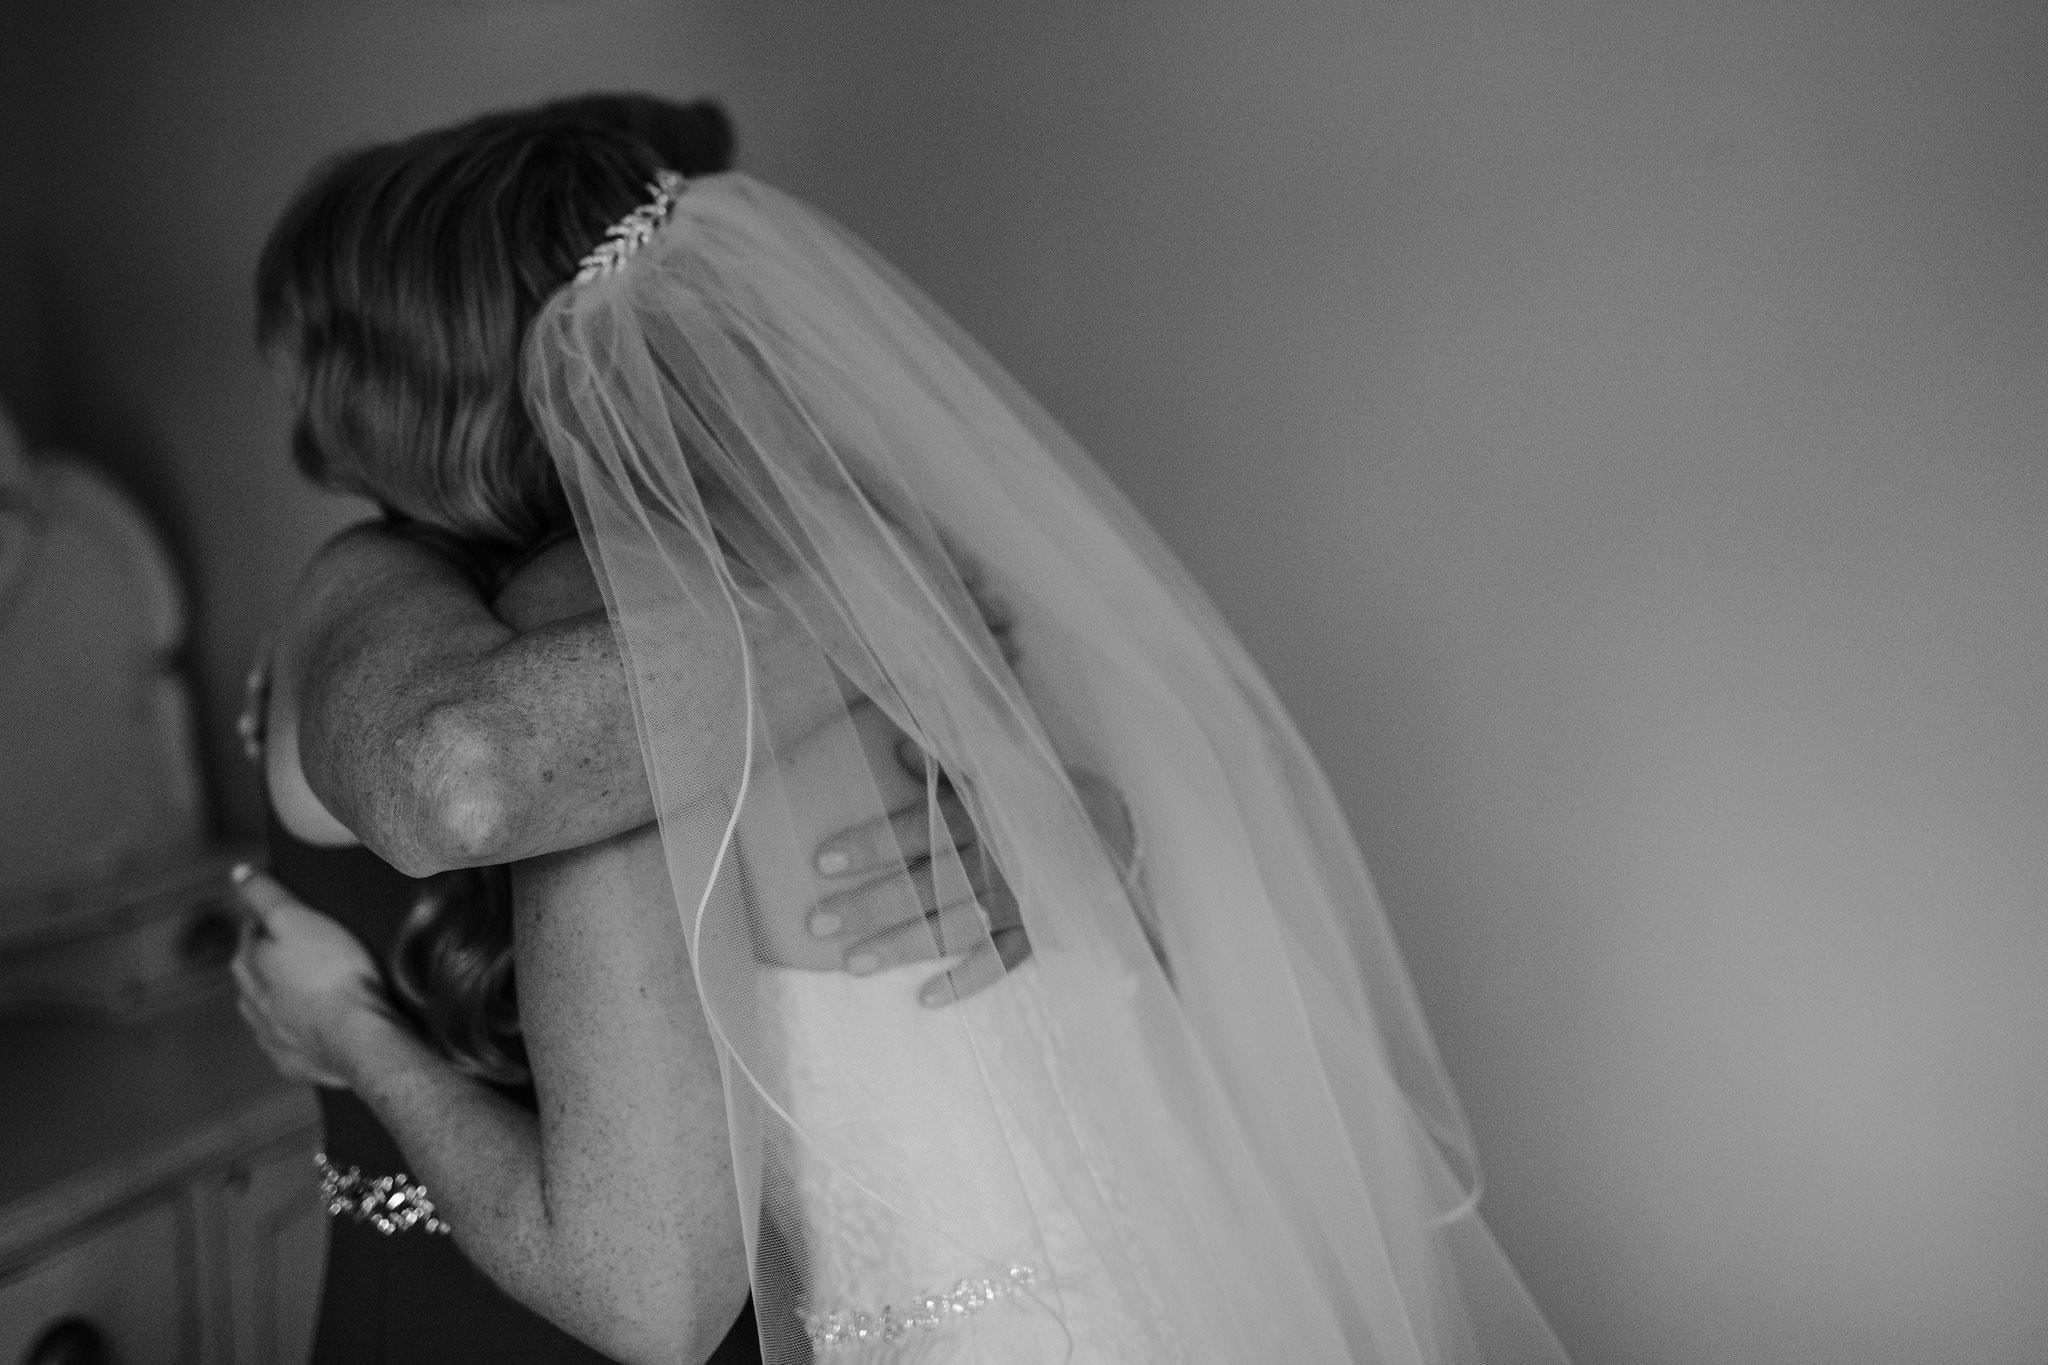 whistlebearweddingphotos 75 - Whistle Bear Wedding Photos